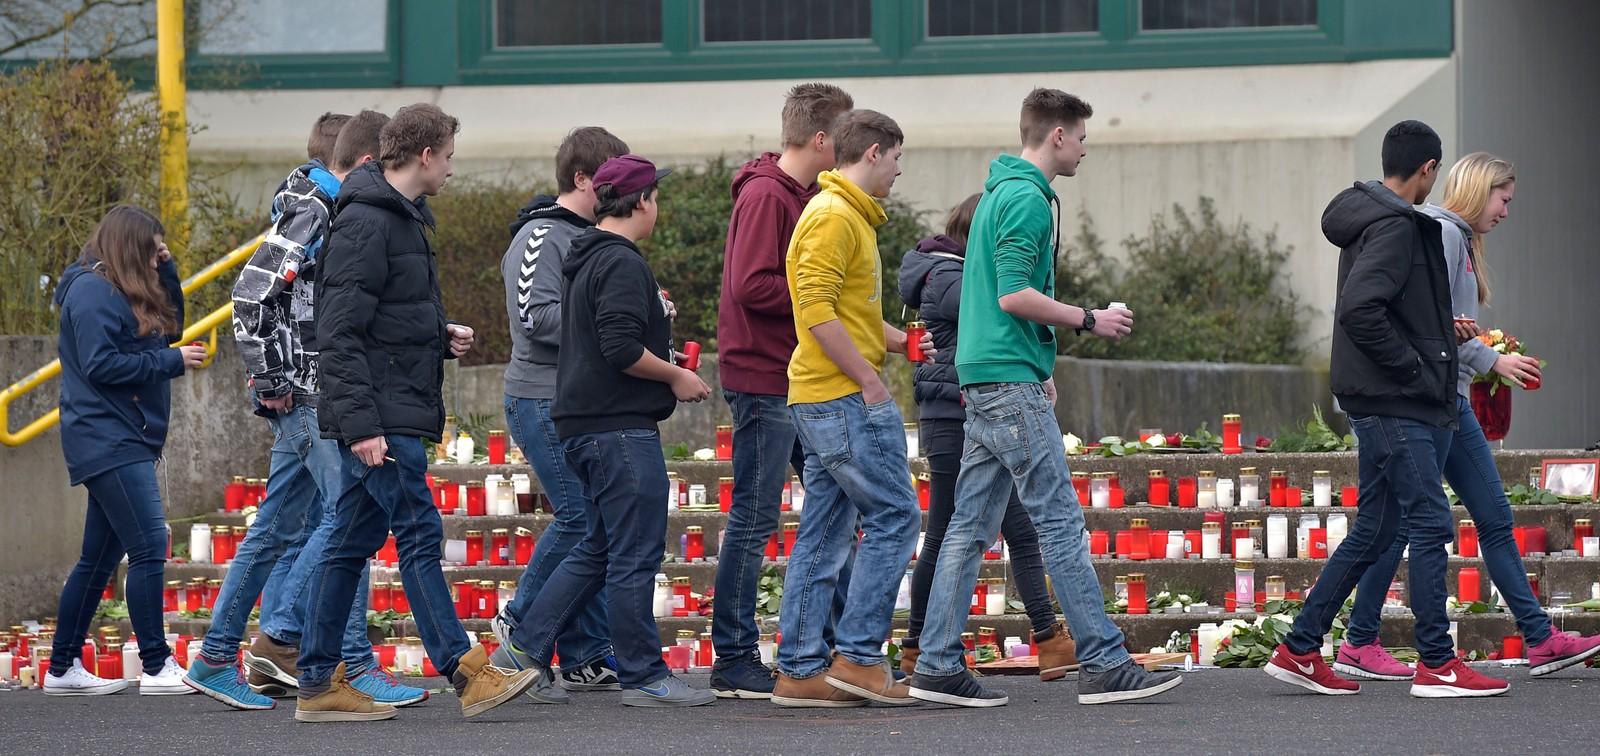 Hundrevis av skoleungdommer strømmer til skolen Joseph-Konig i Haltern am See for å tenne lys for de 16 elevene og to lærerne som mistet livet i flyulykken i Frankrike(Photo/Martin Meissner)